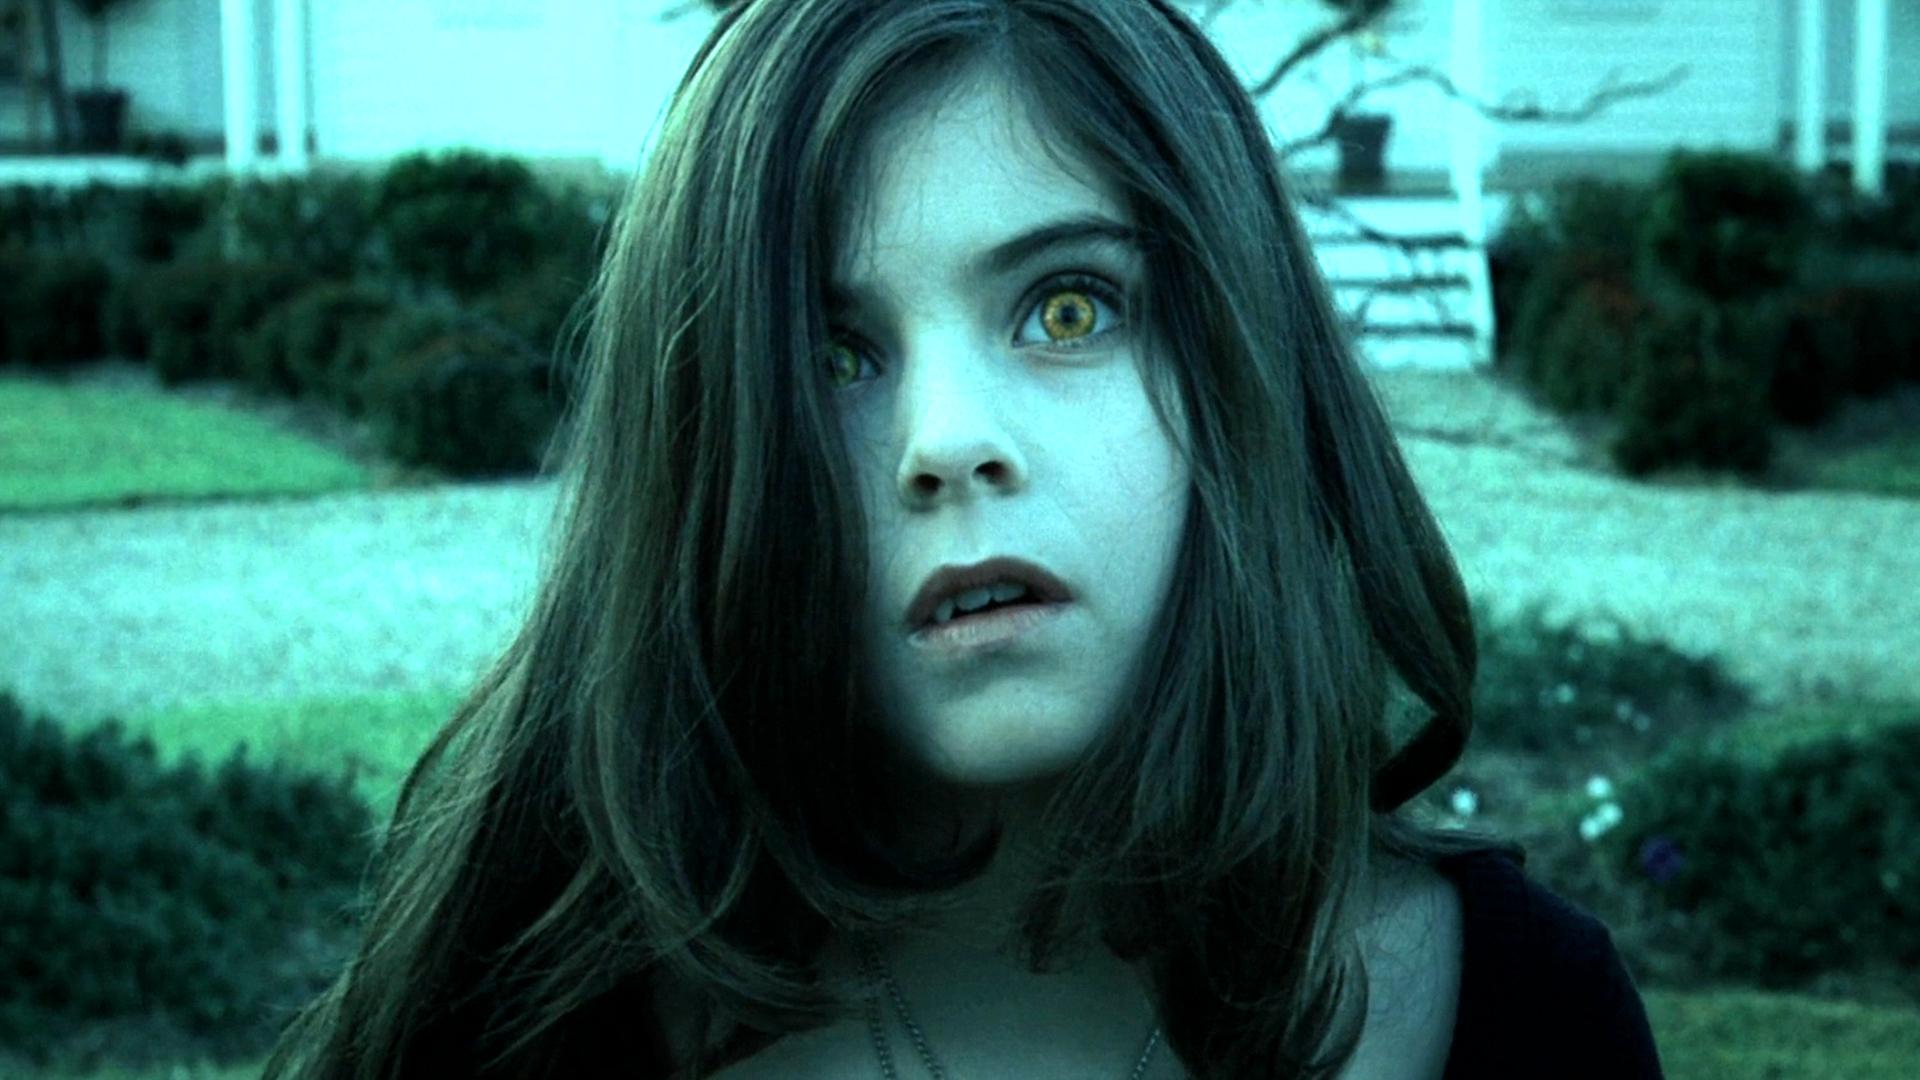 科幻片:未来世界爆发全球瘟疫,导致95%的人类,都变成吸血鬼